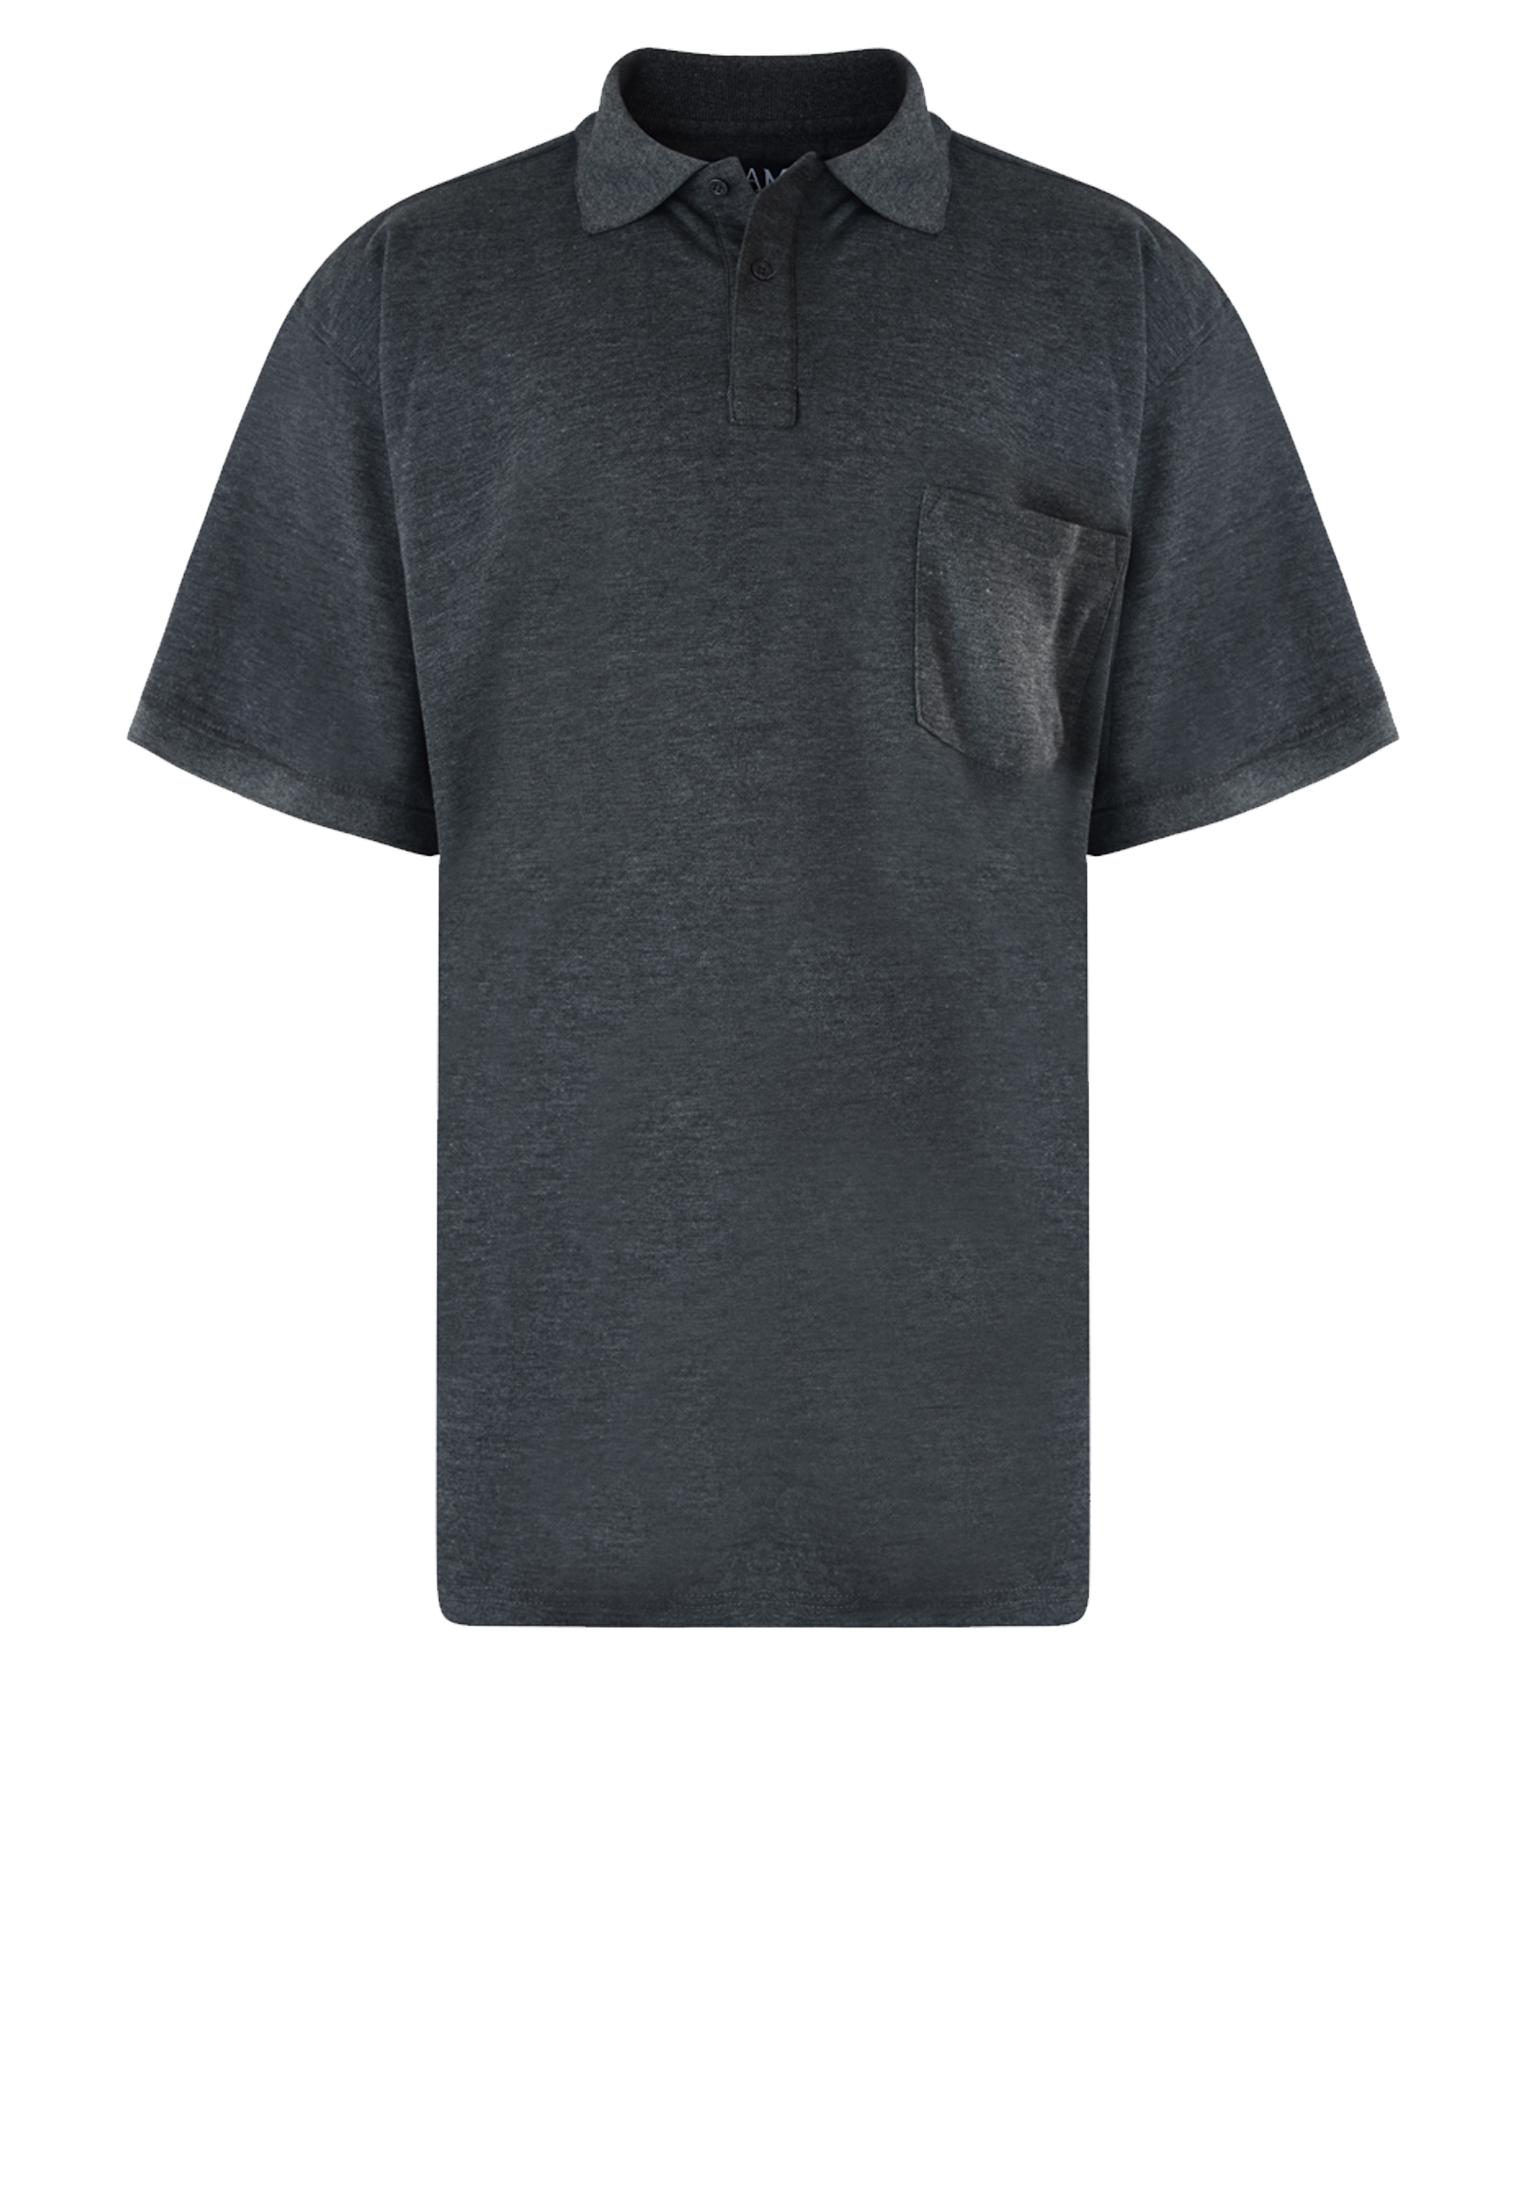 Effen polo van het merk KAM JEANSWEAR met een borstzakje op de linkerborst en een 3-knoopslijst. In de kleur donker grijs.